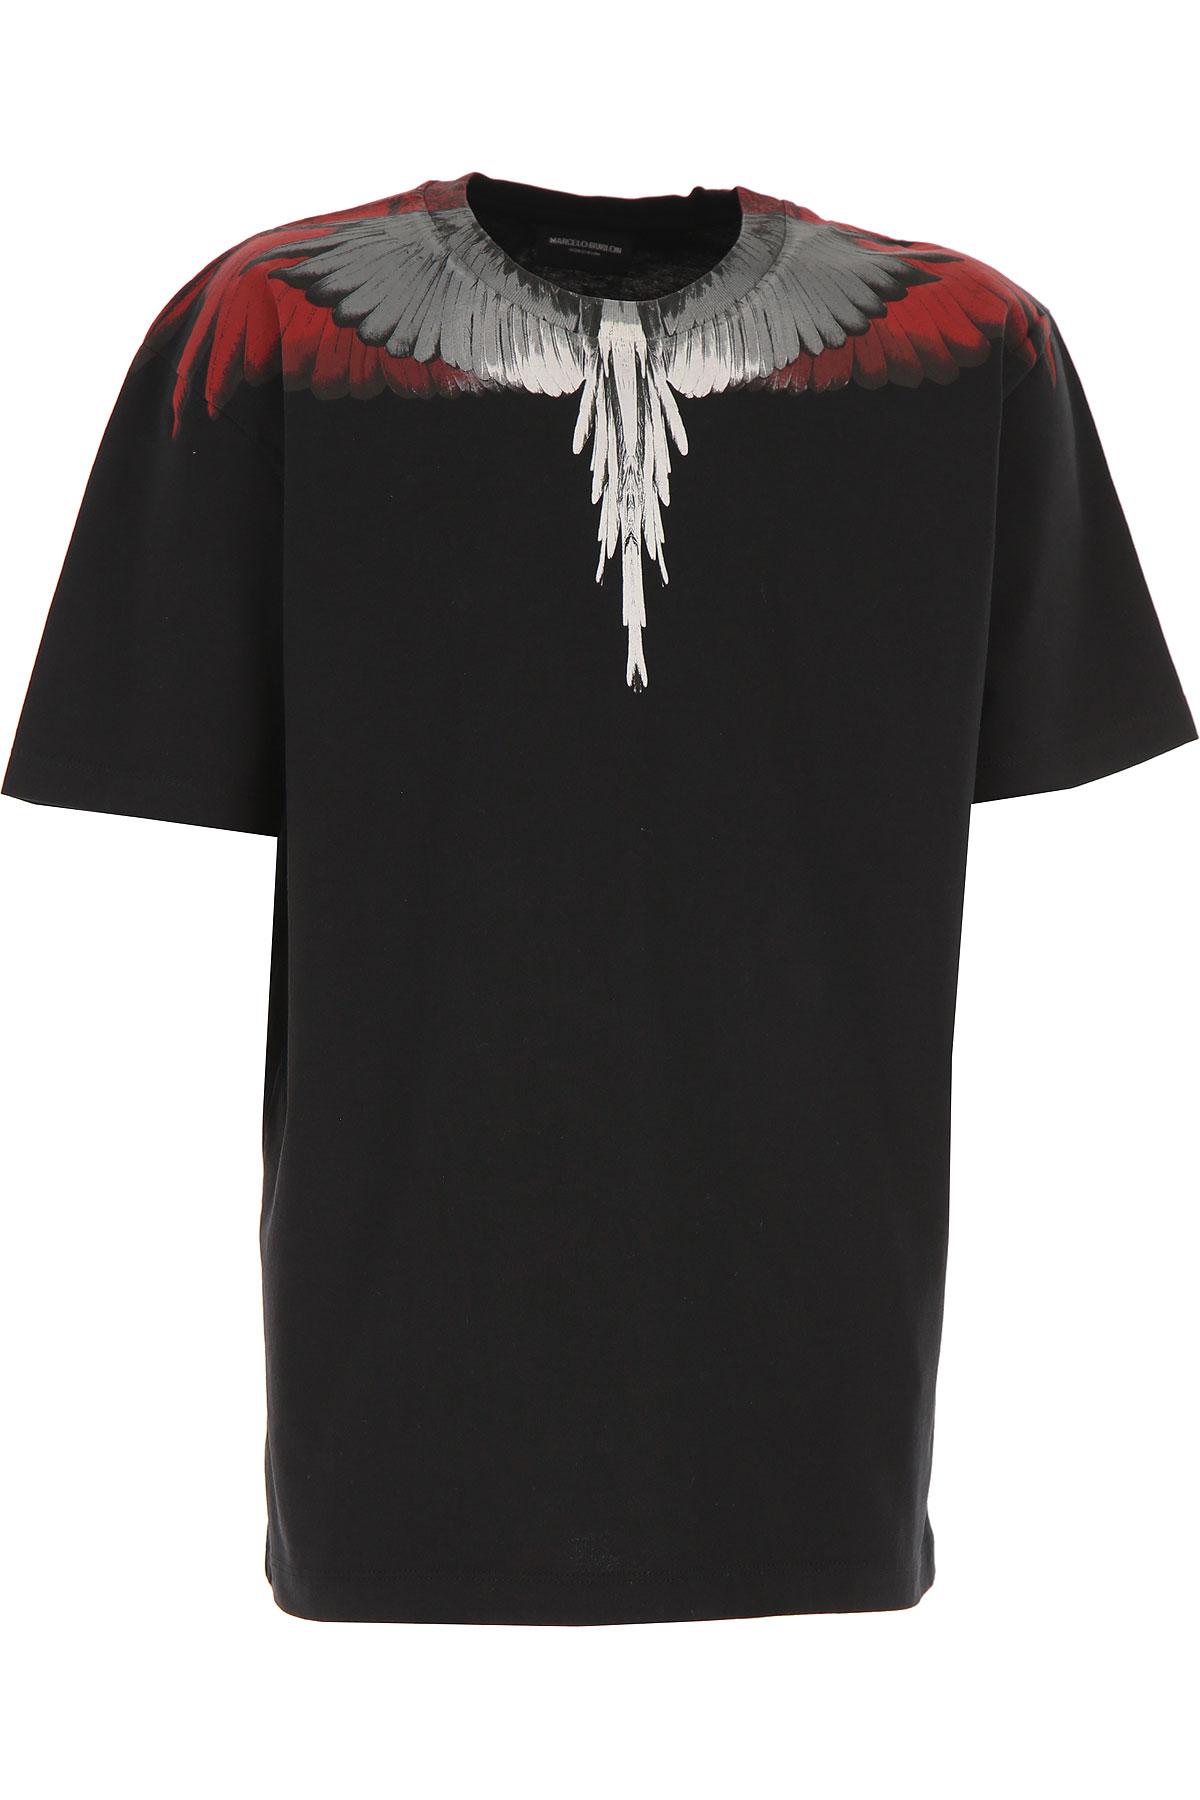 Marcelo Burlon Kids T-Shirt for Boys On Sale, Black, Cotton, 2019, 10Y 12Y 14Y 6Y 8Y